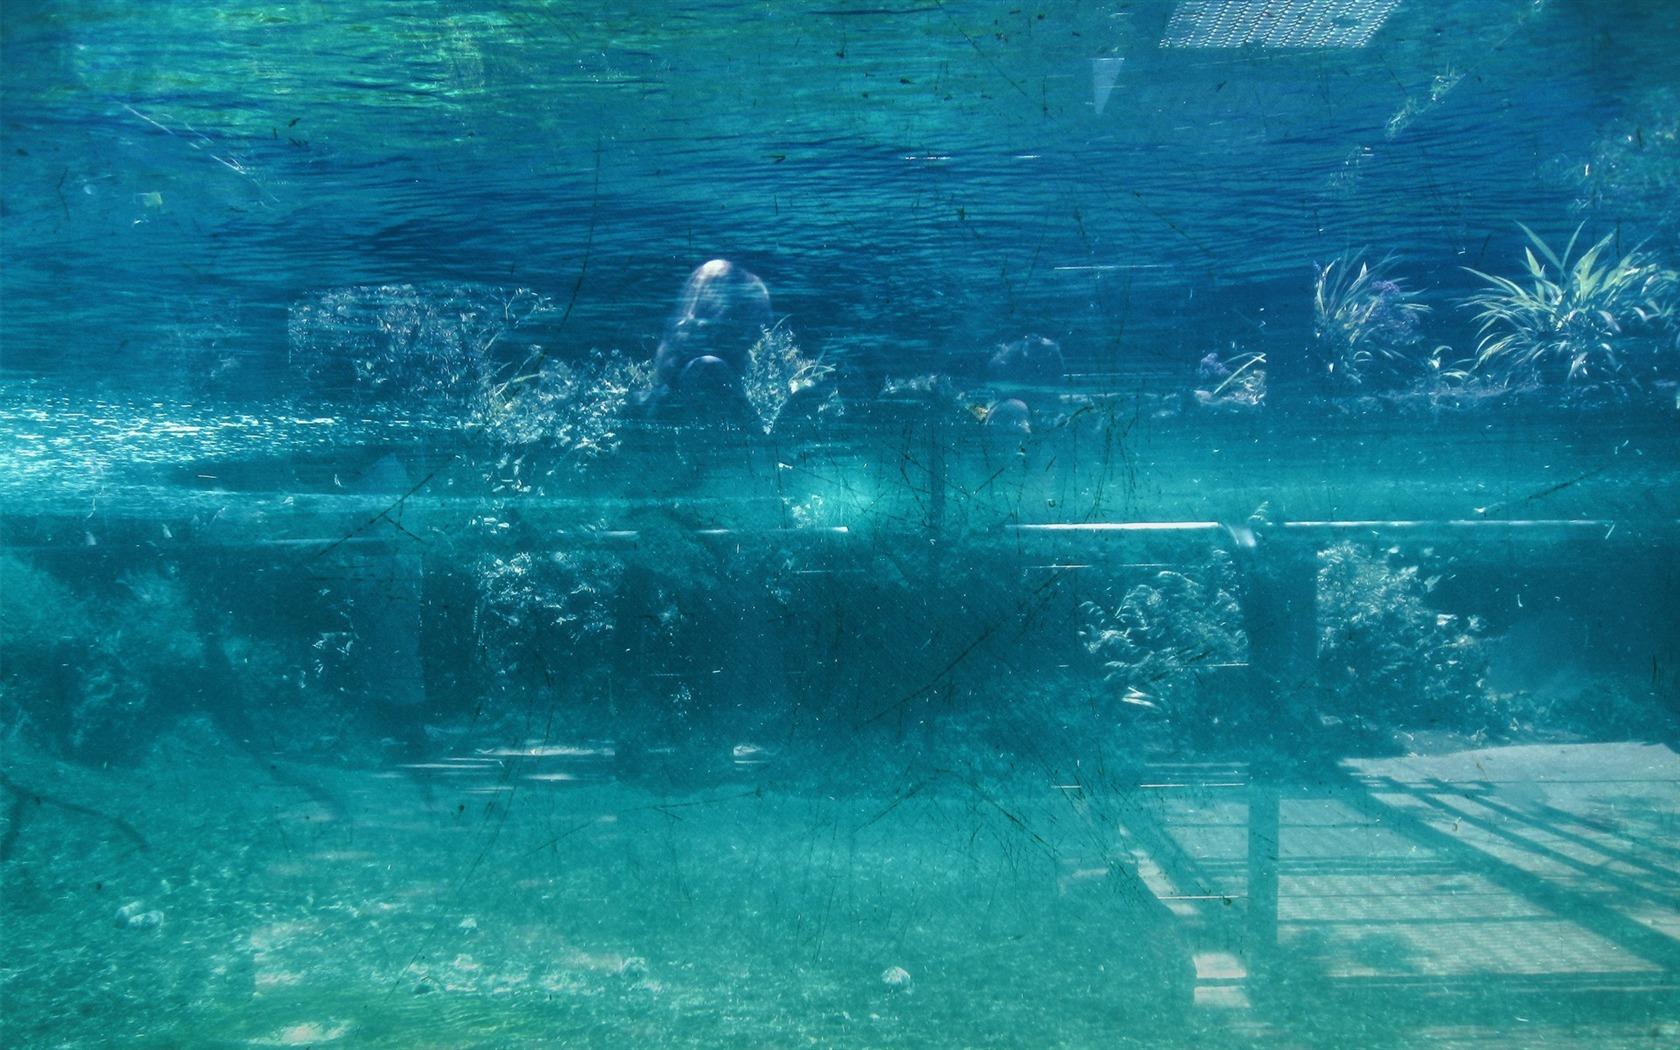 水中 シティlomoの壁紙プレビュー 10wallpaper Com